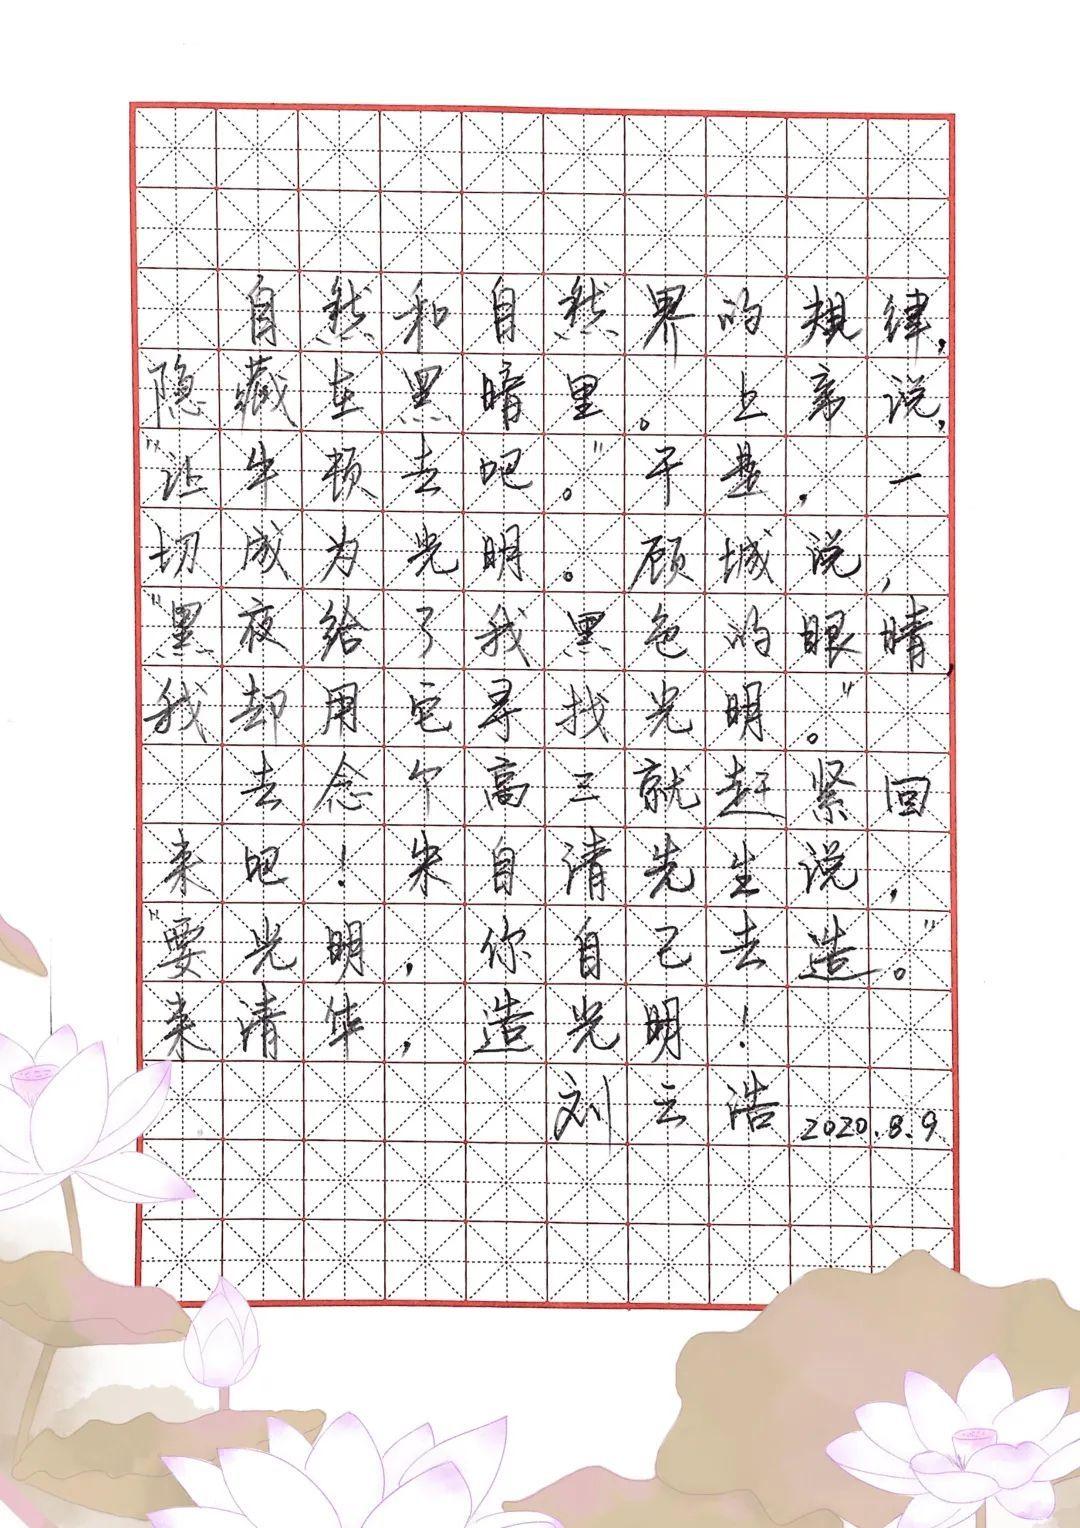 清华教授刘云浩又写万字回复,这92个人工智能问答可收藏